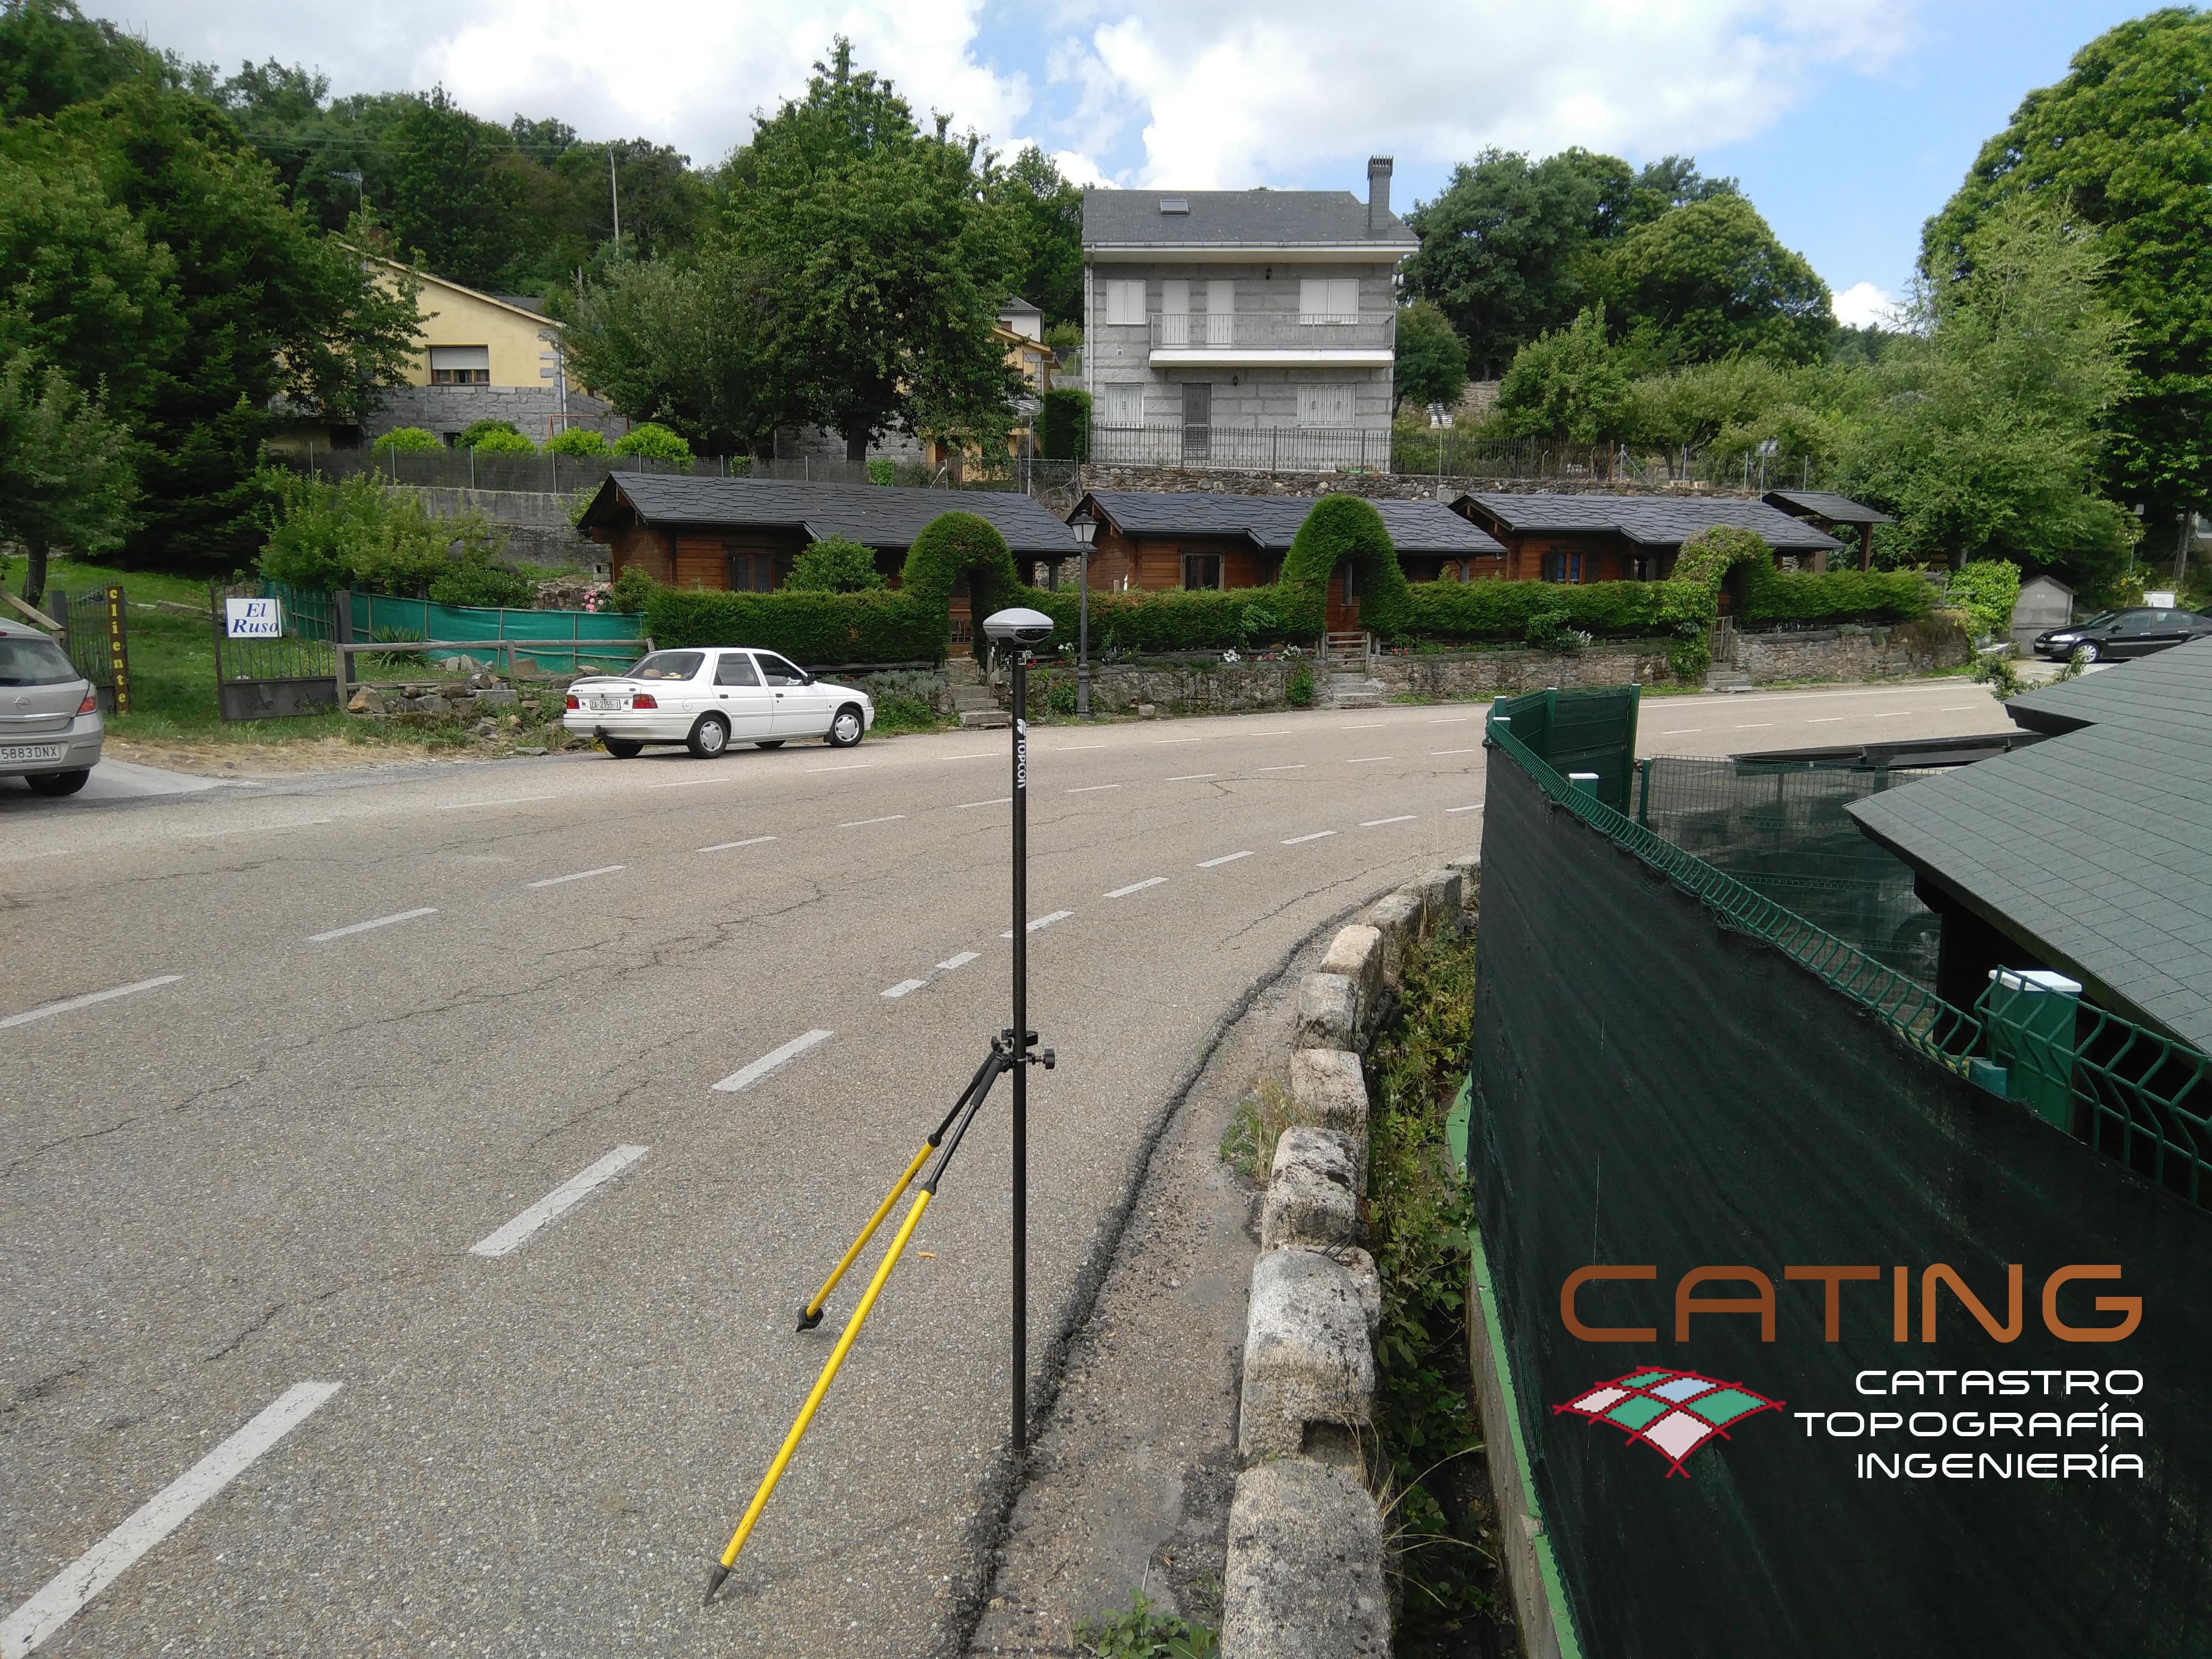 Levantamiento topográfico para construcción de centro de ocio. CATING Catastro Topografía e Ingeniería.